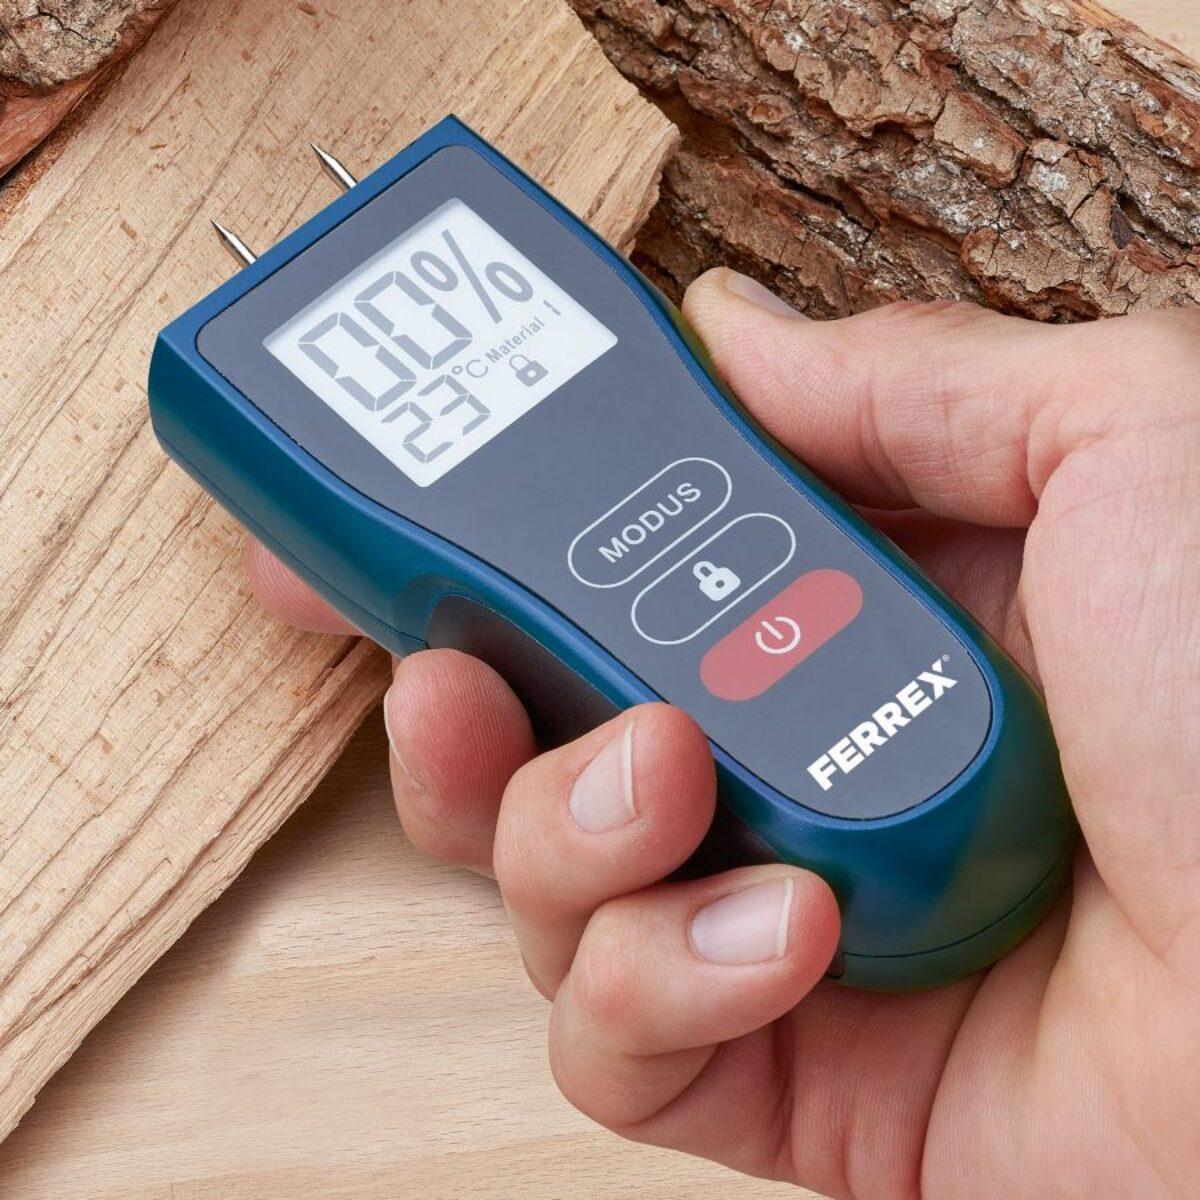 Bild 5 von FERREX     Multi-Sensor / Feuchtigkeitsmessgerät